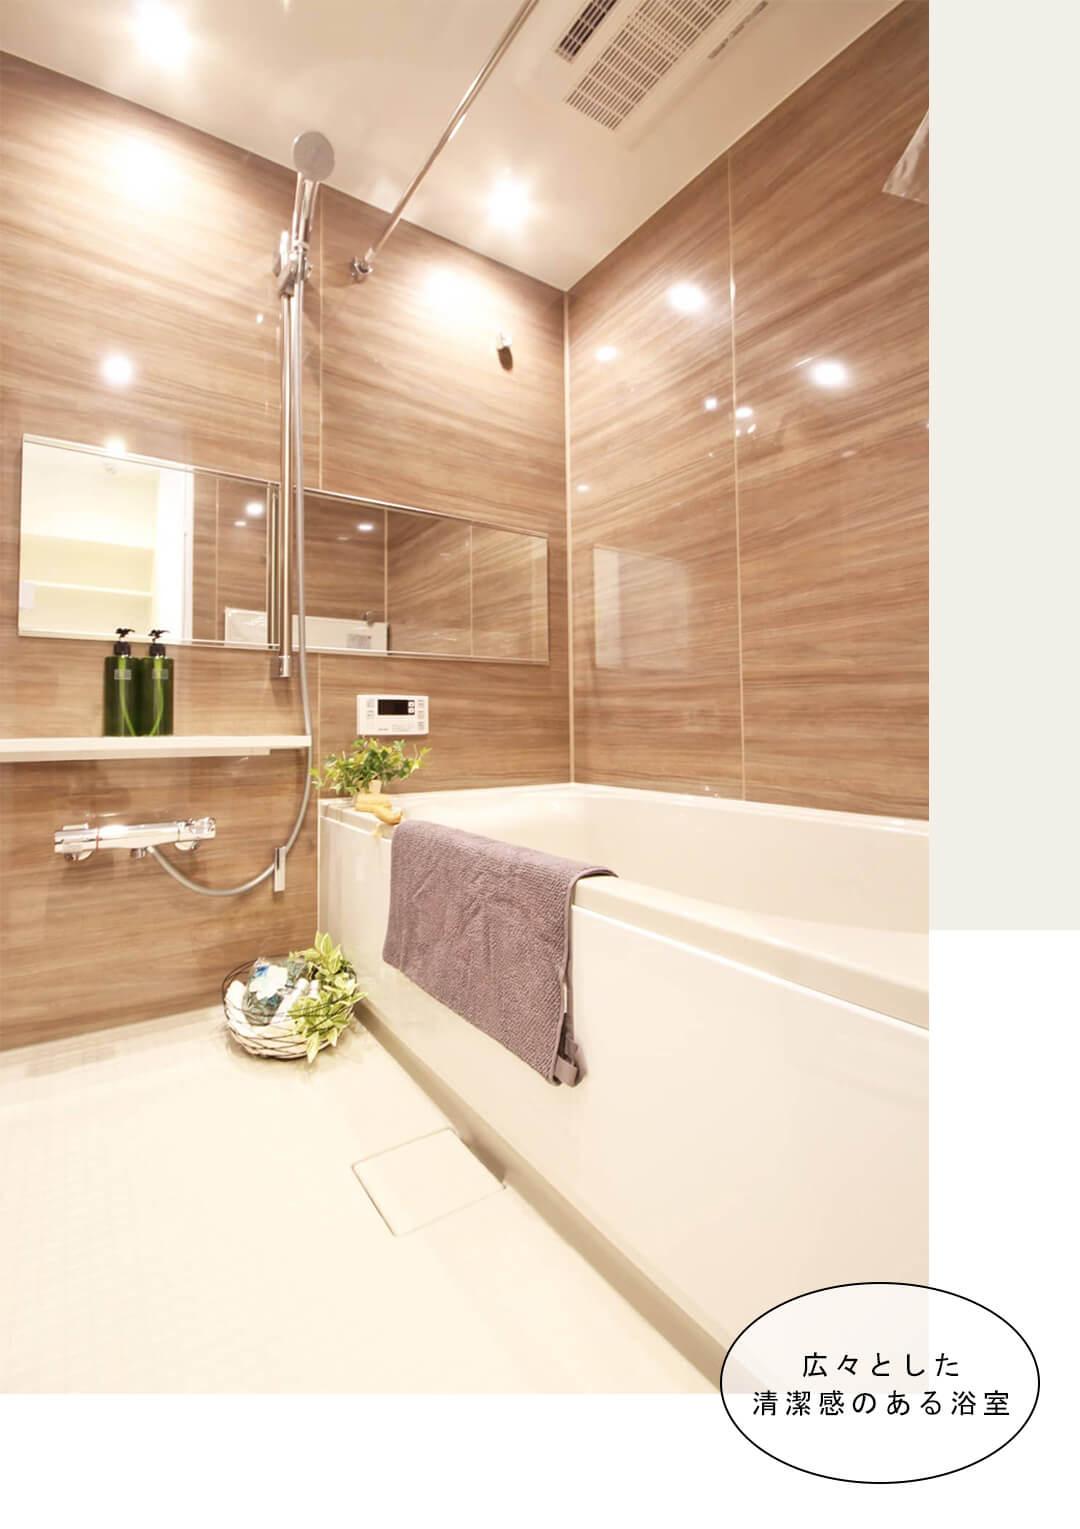 プレジャーガーデン森下 201の浴室